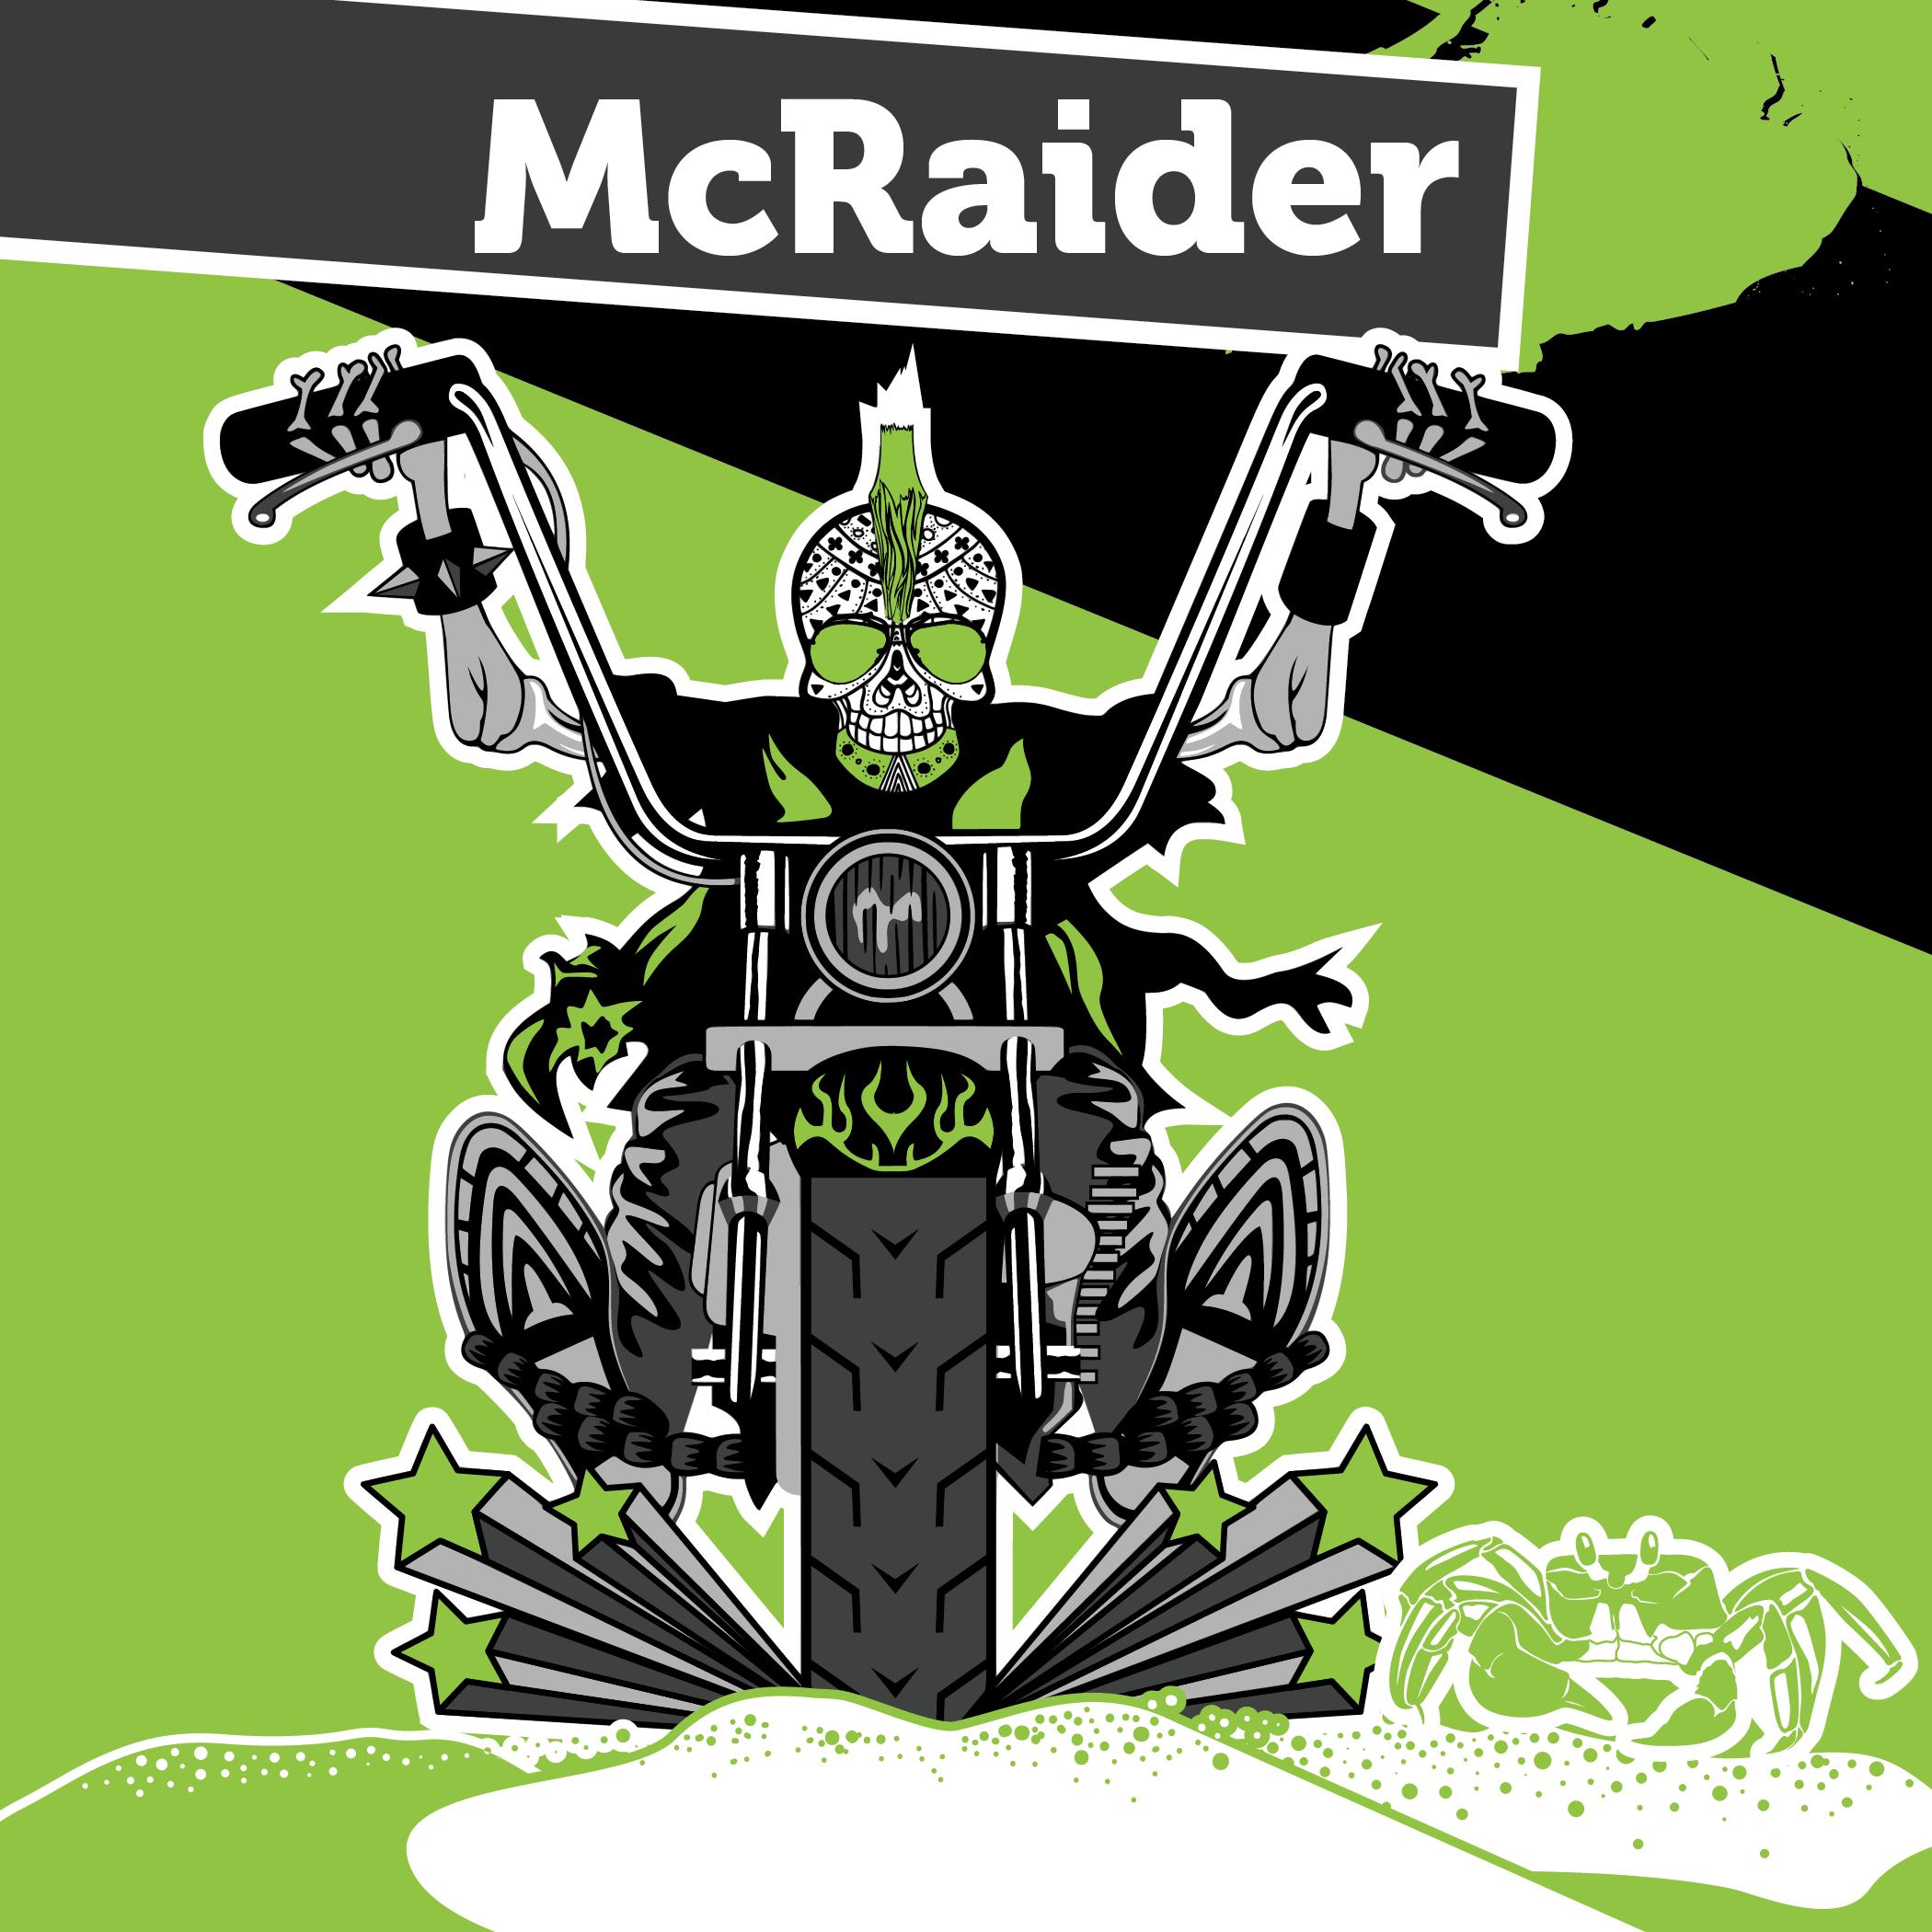 McRaider